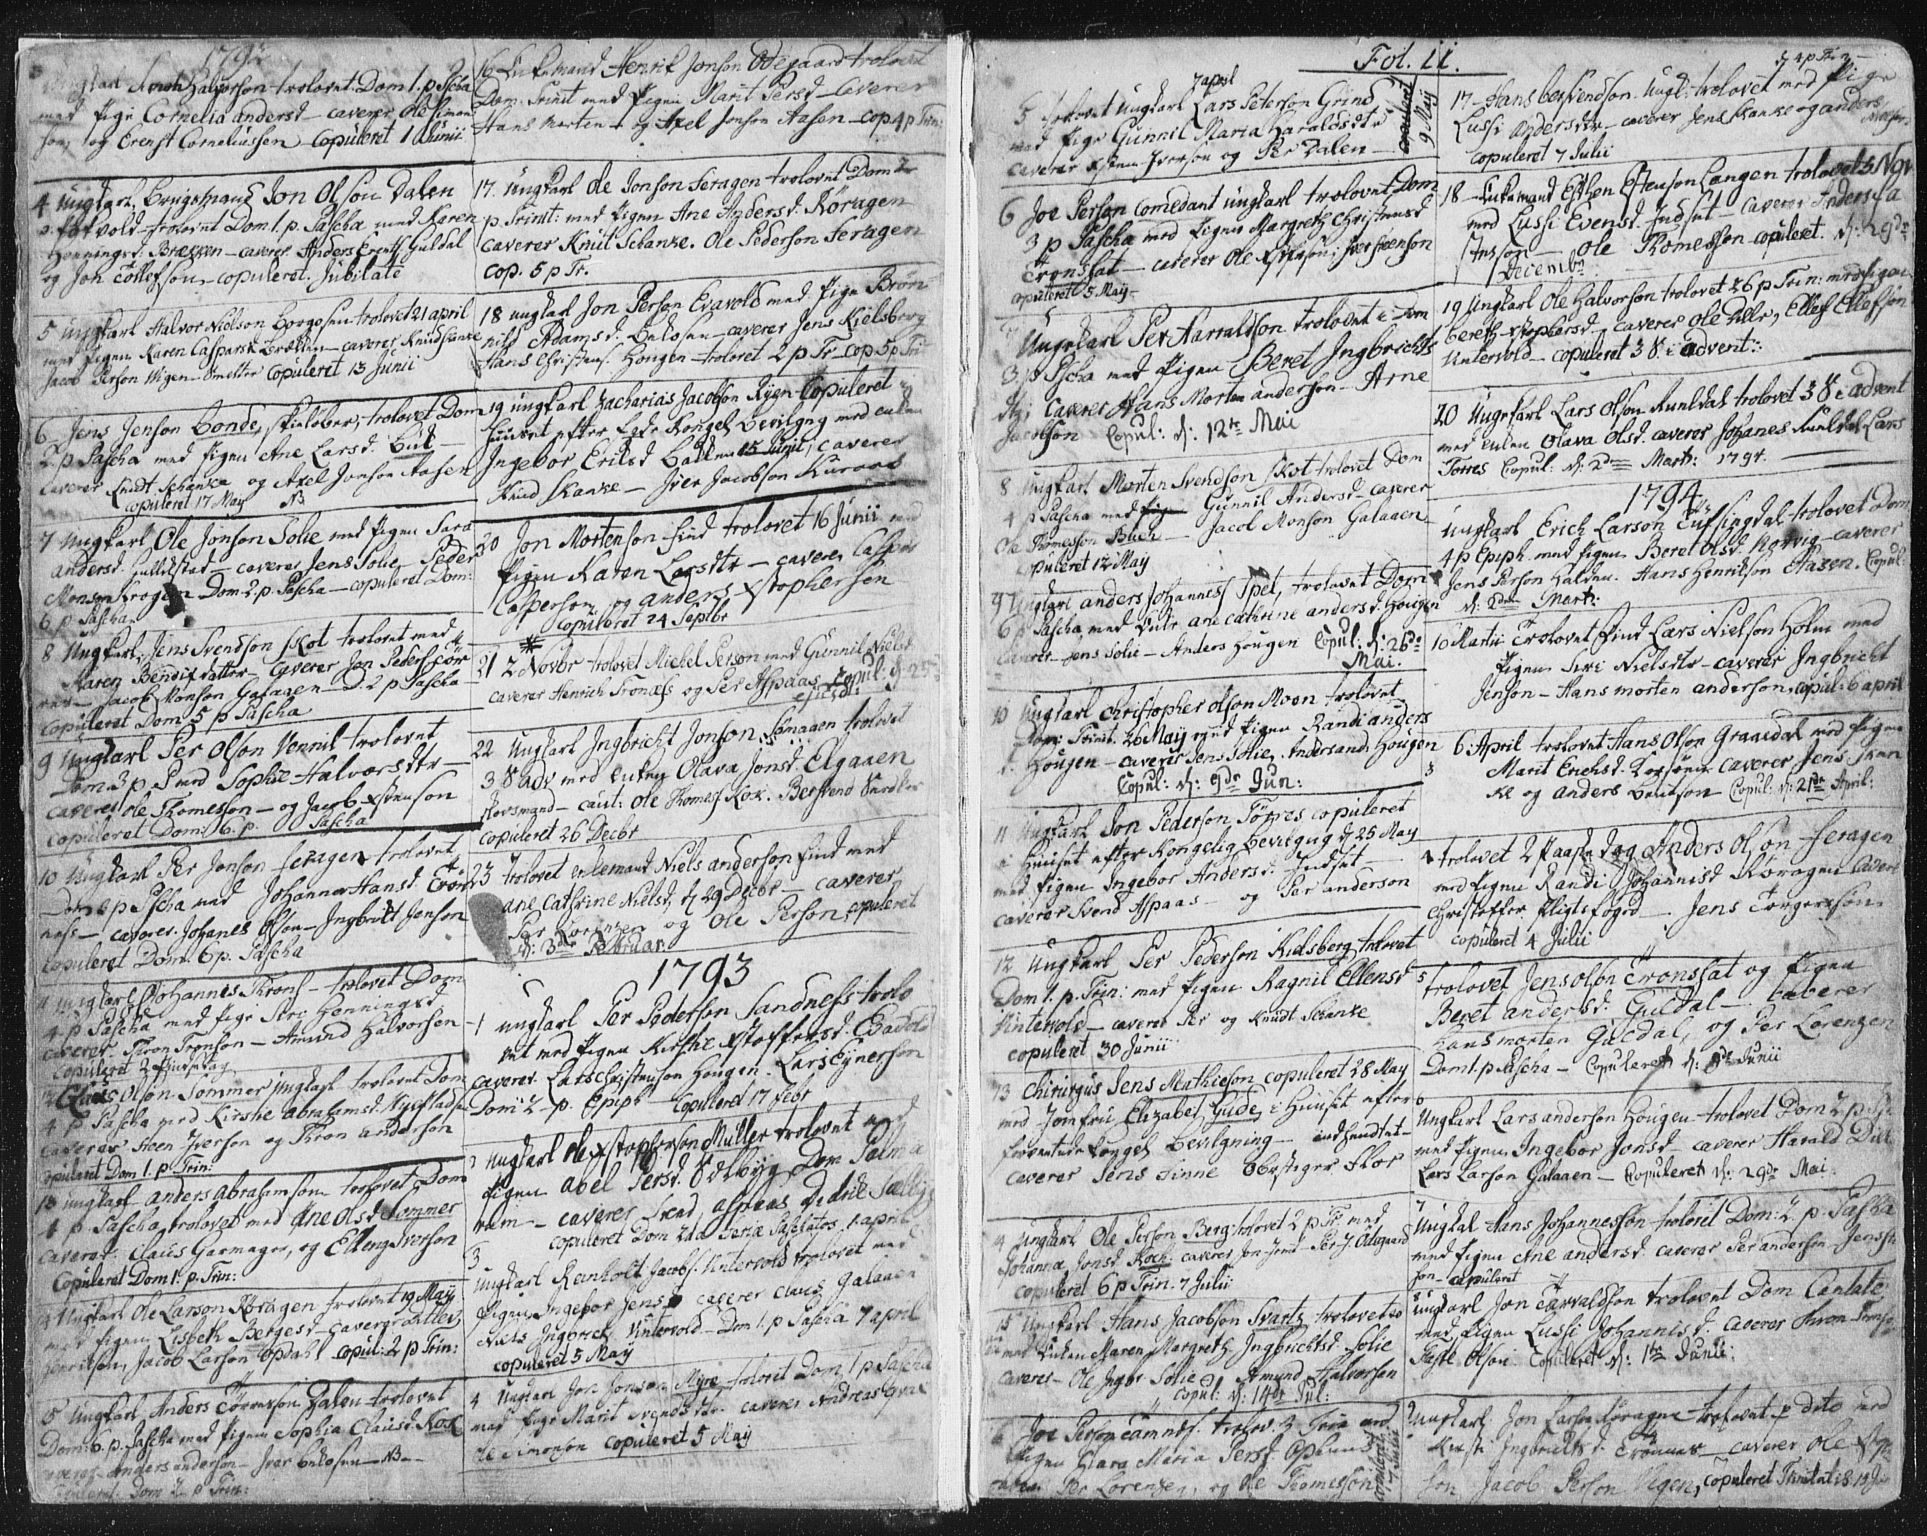 SAT, Ministerialprotokoller, klokkerbøker og fødselsregistre - Sør-Trøndelag, 681/L0926: Ministerialbok nr. 681A04, 1767-1797, s. 11